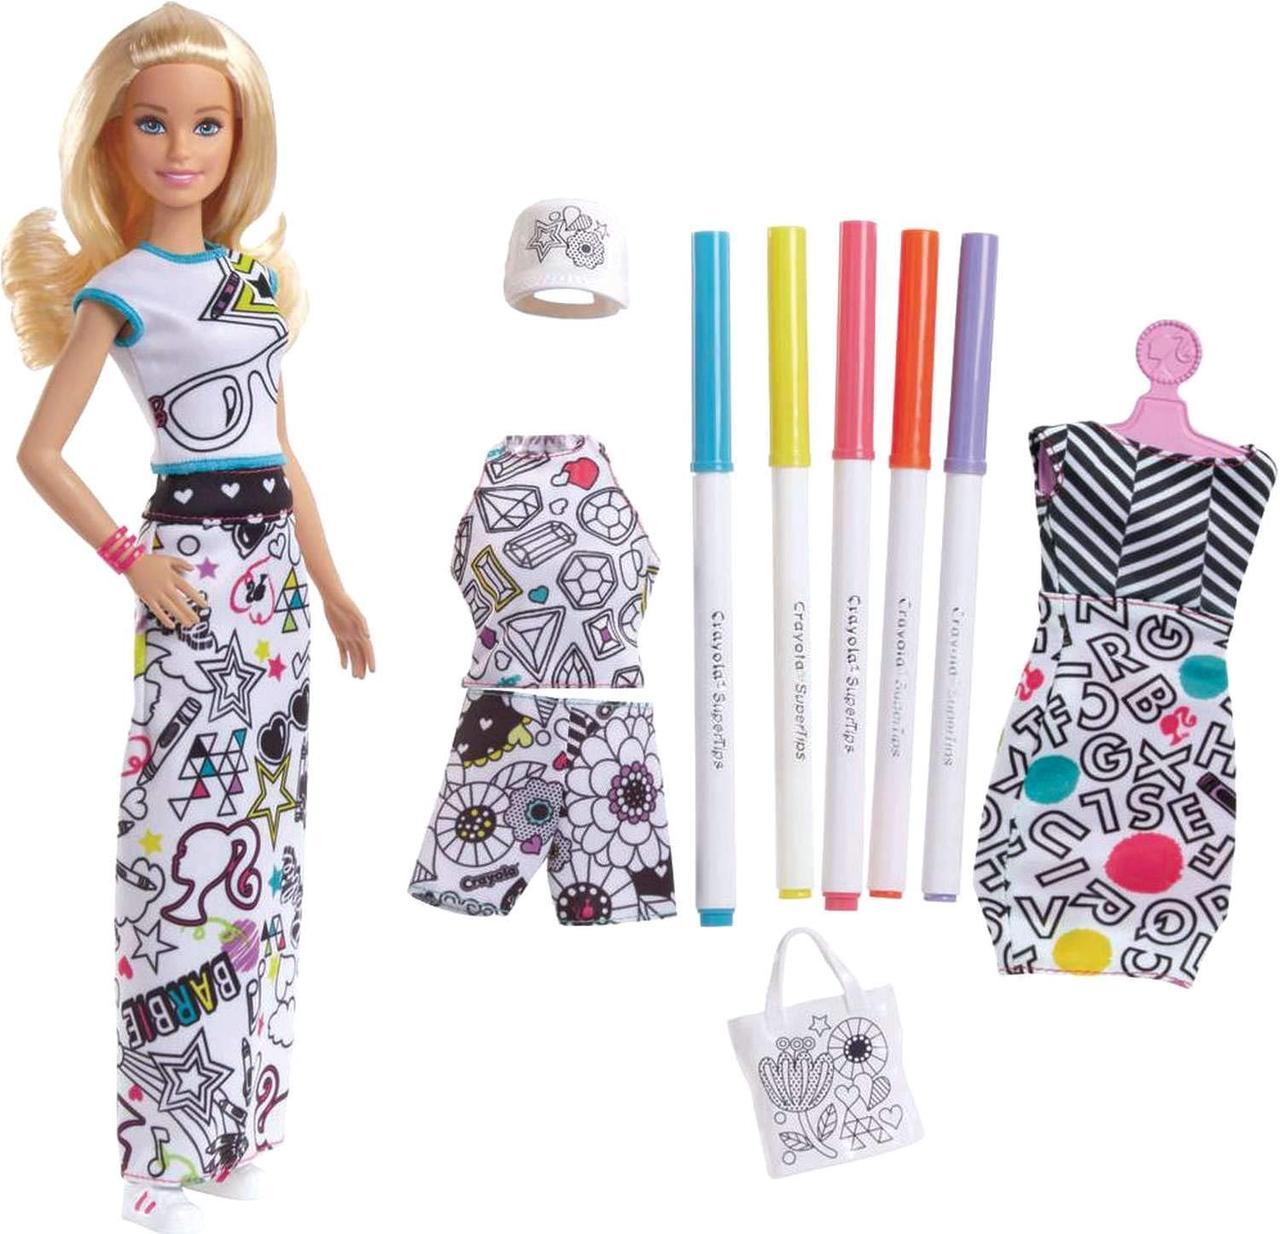 Кукла Барби Модный дизайнер раскраска одежды Barbie Crayola Color-in Fashions